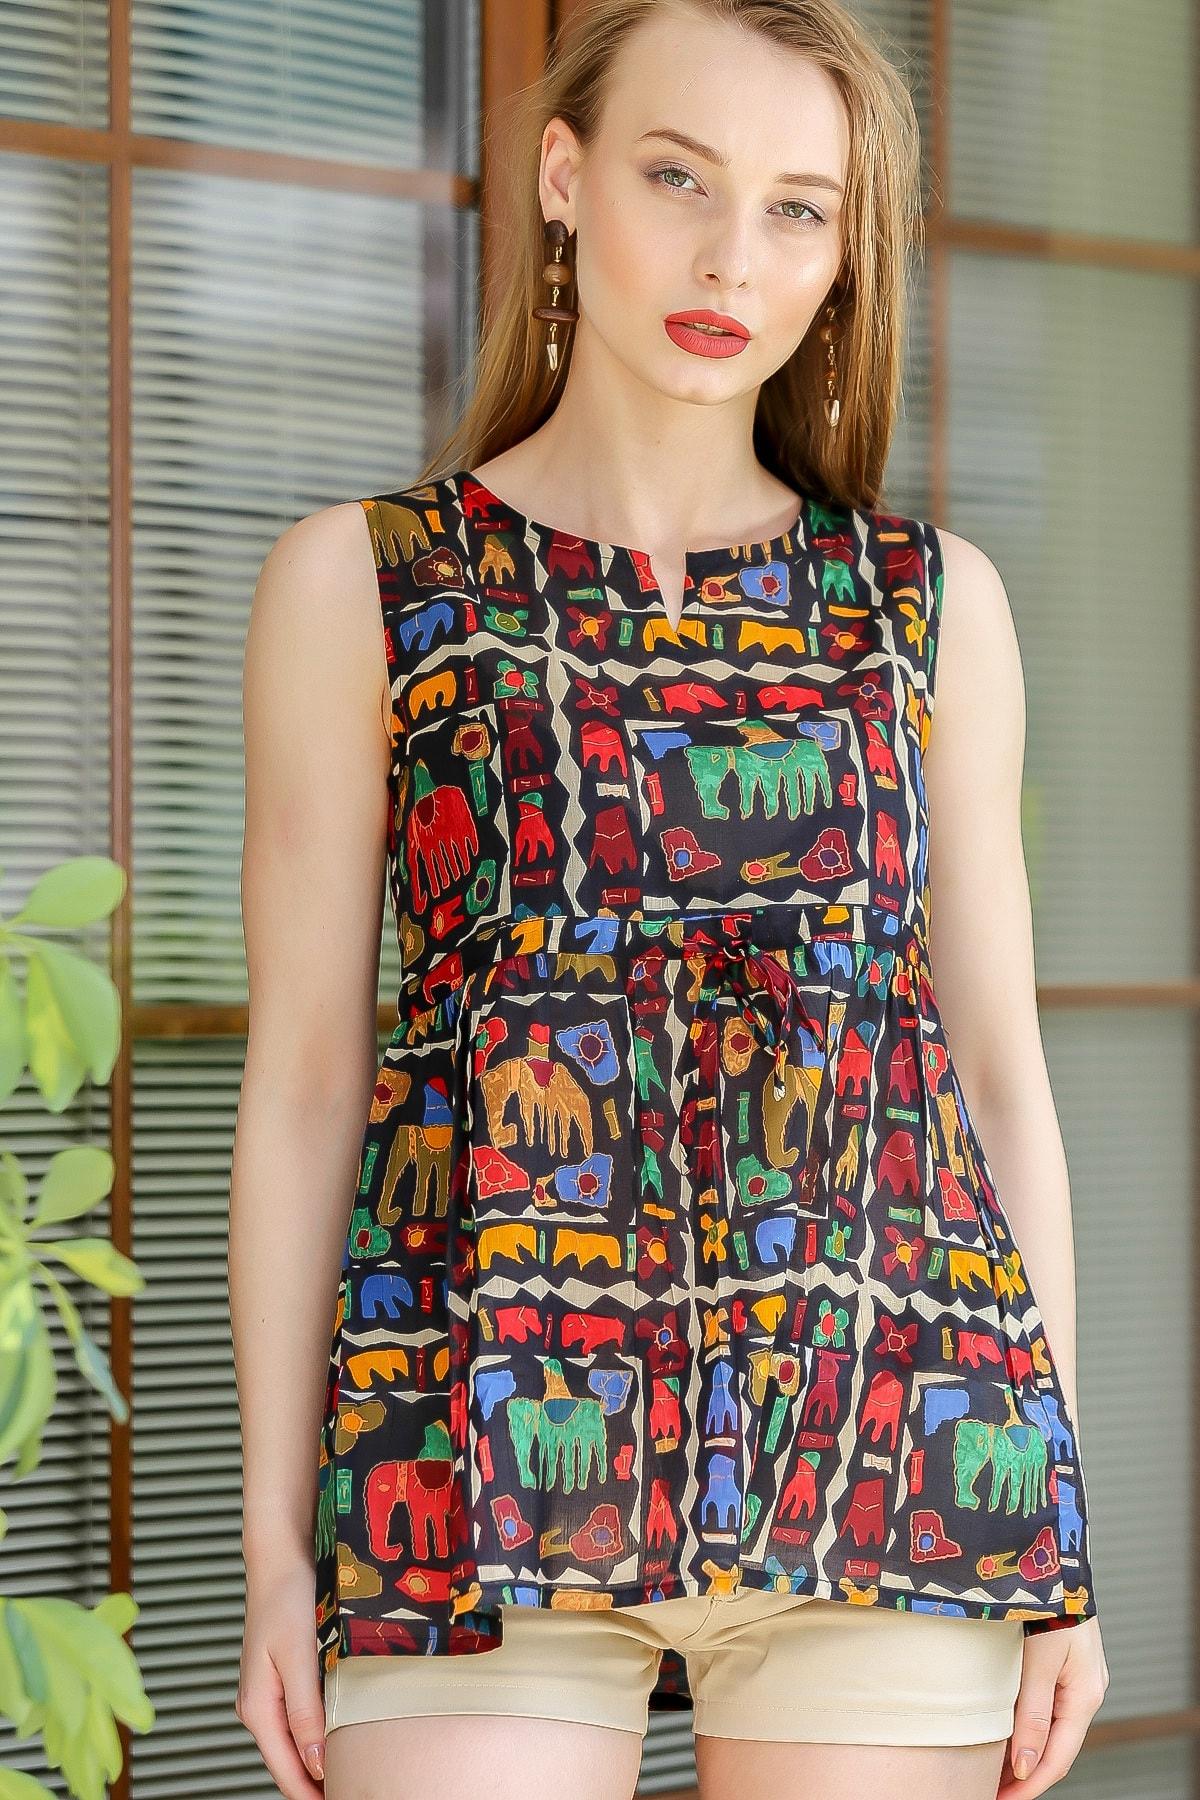 Chiccy Kadın Siyah Bohem Fil Baskılı Robadan Büzgülü Bluz M10010200BL96198